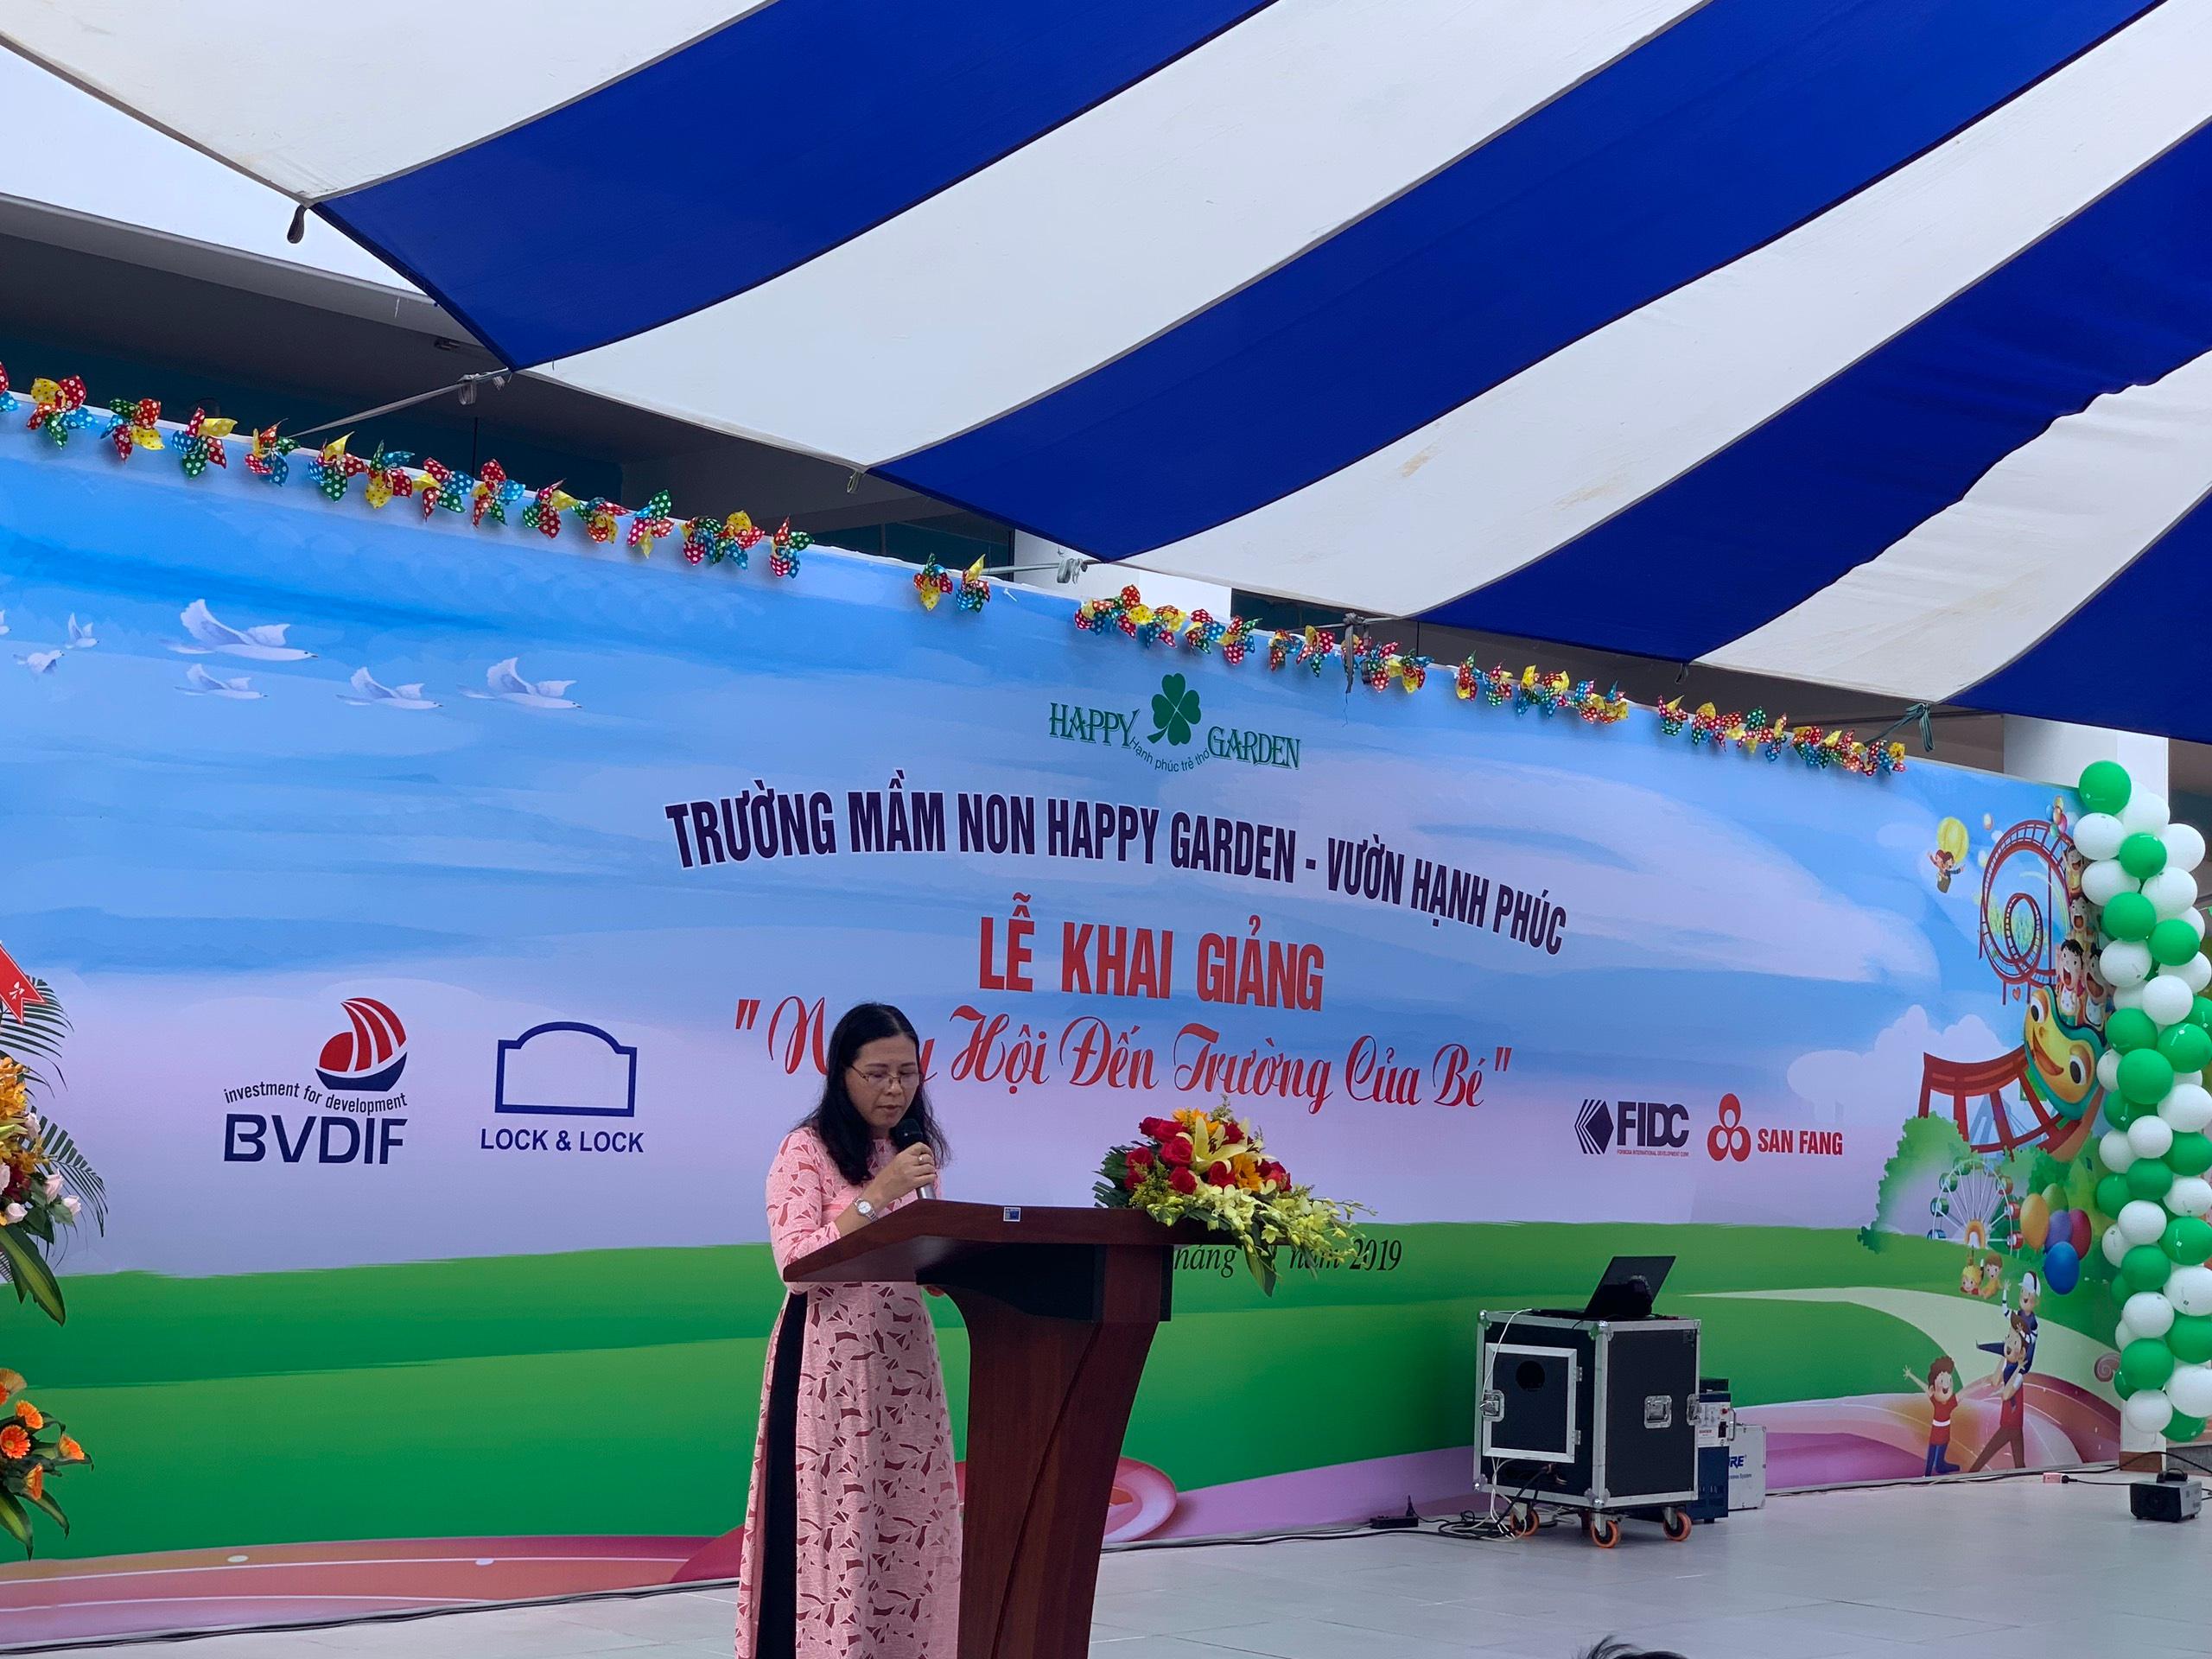 Trường Mầm non Happy Garden tổ chức Lễ Khai giảng đầu tiên năm học 2019 – 2020